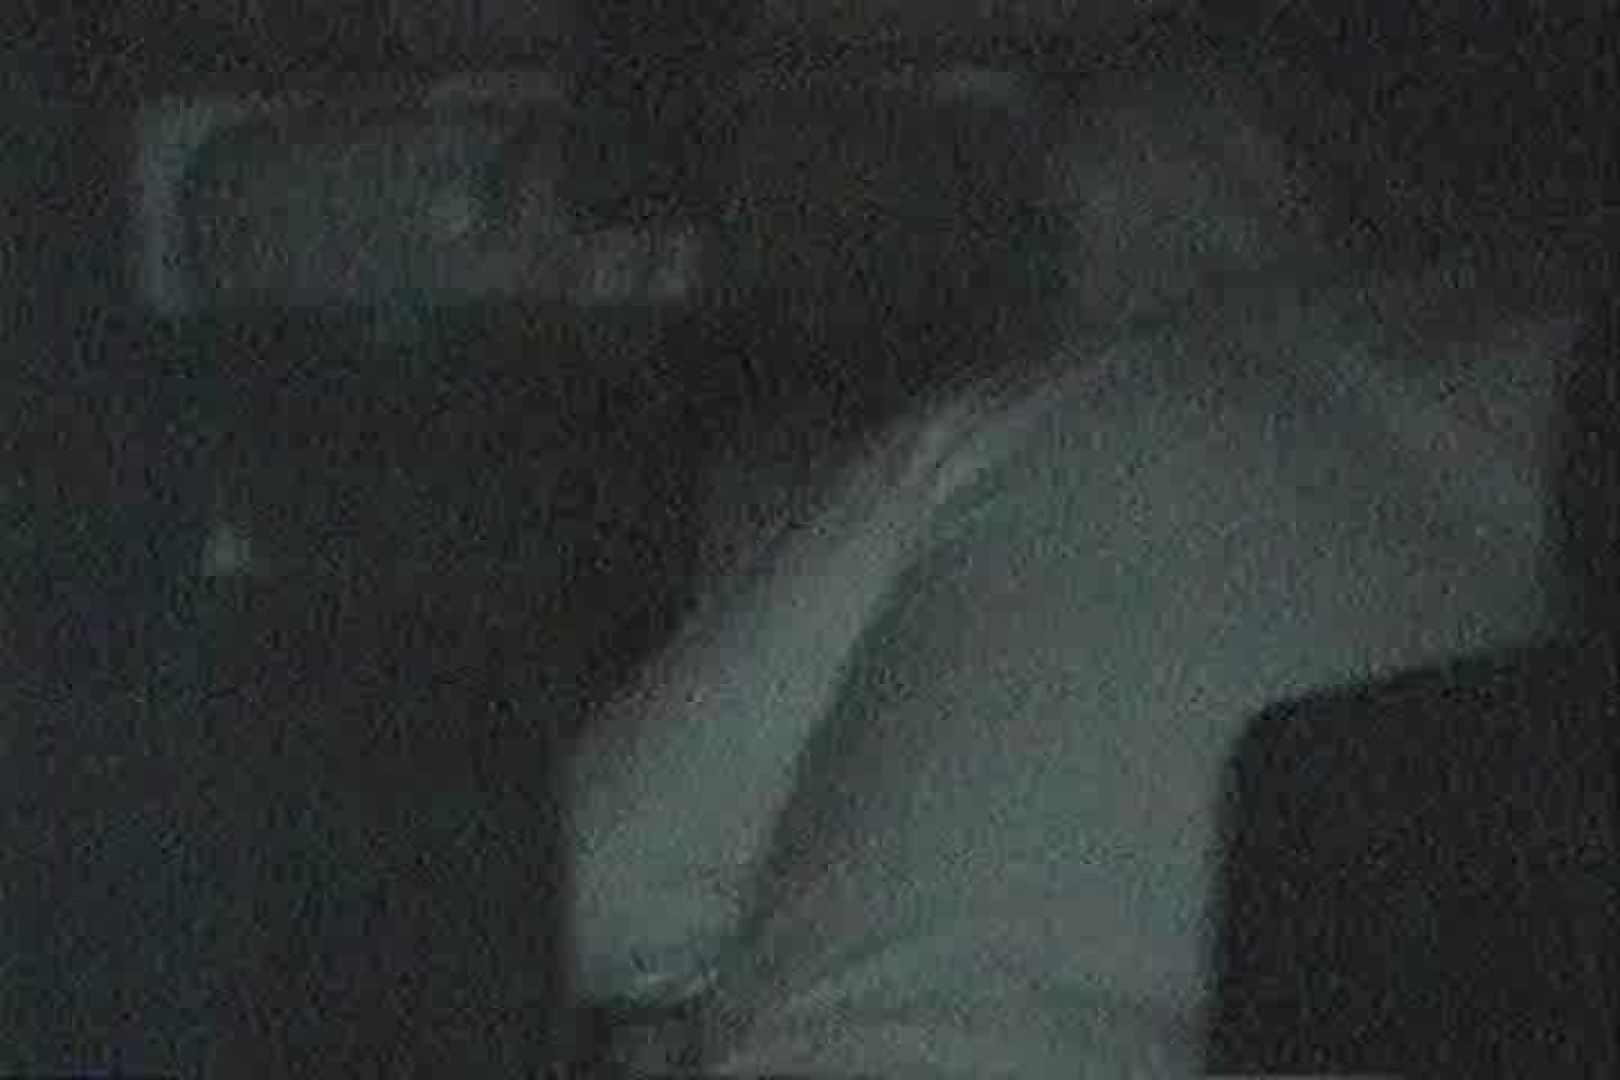 充血監督の深夜の運動会Vol.123 OLの実態  27pic 14